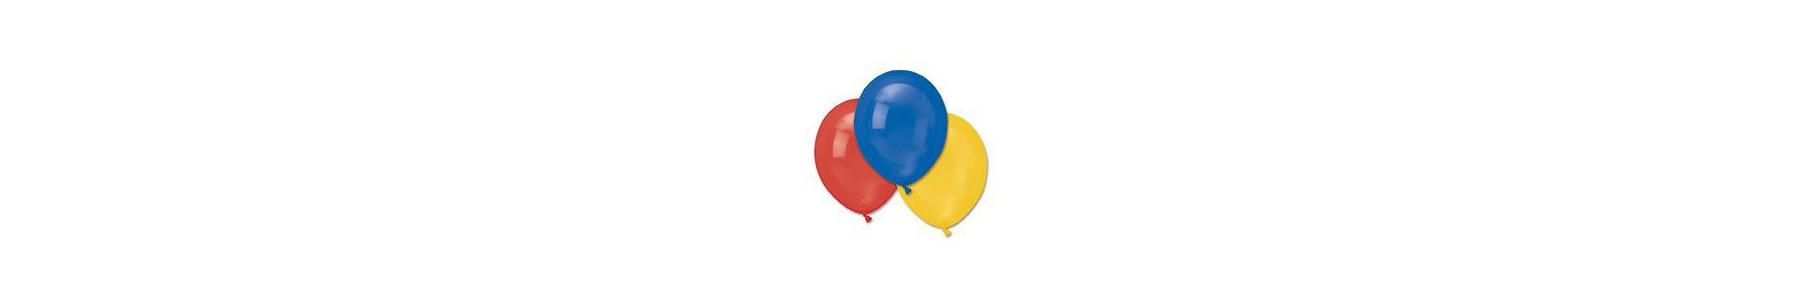 Baloane 13 cm metalizate